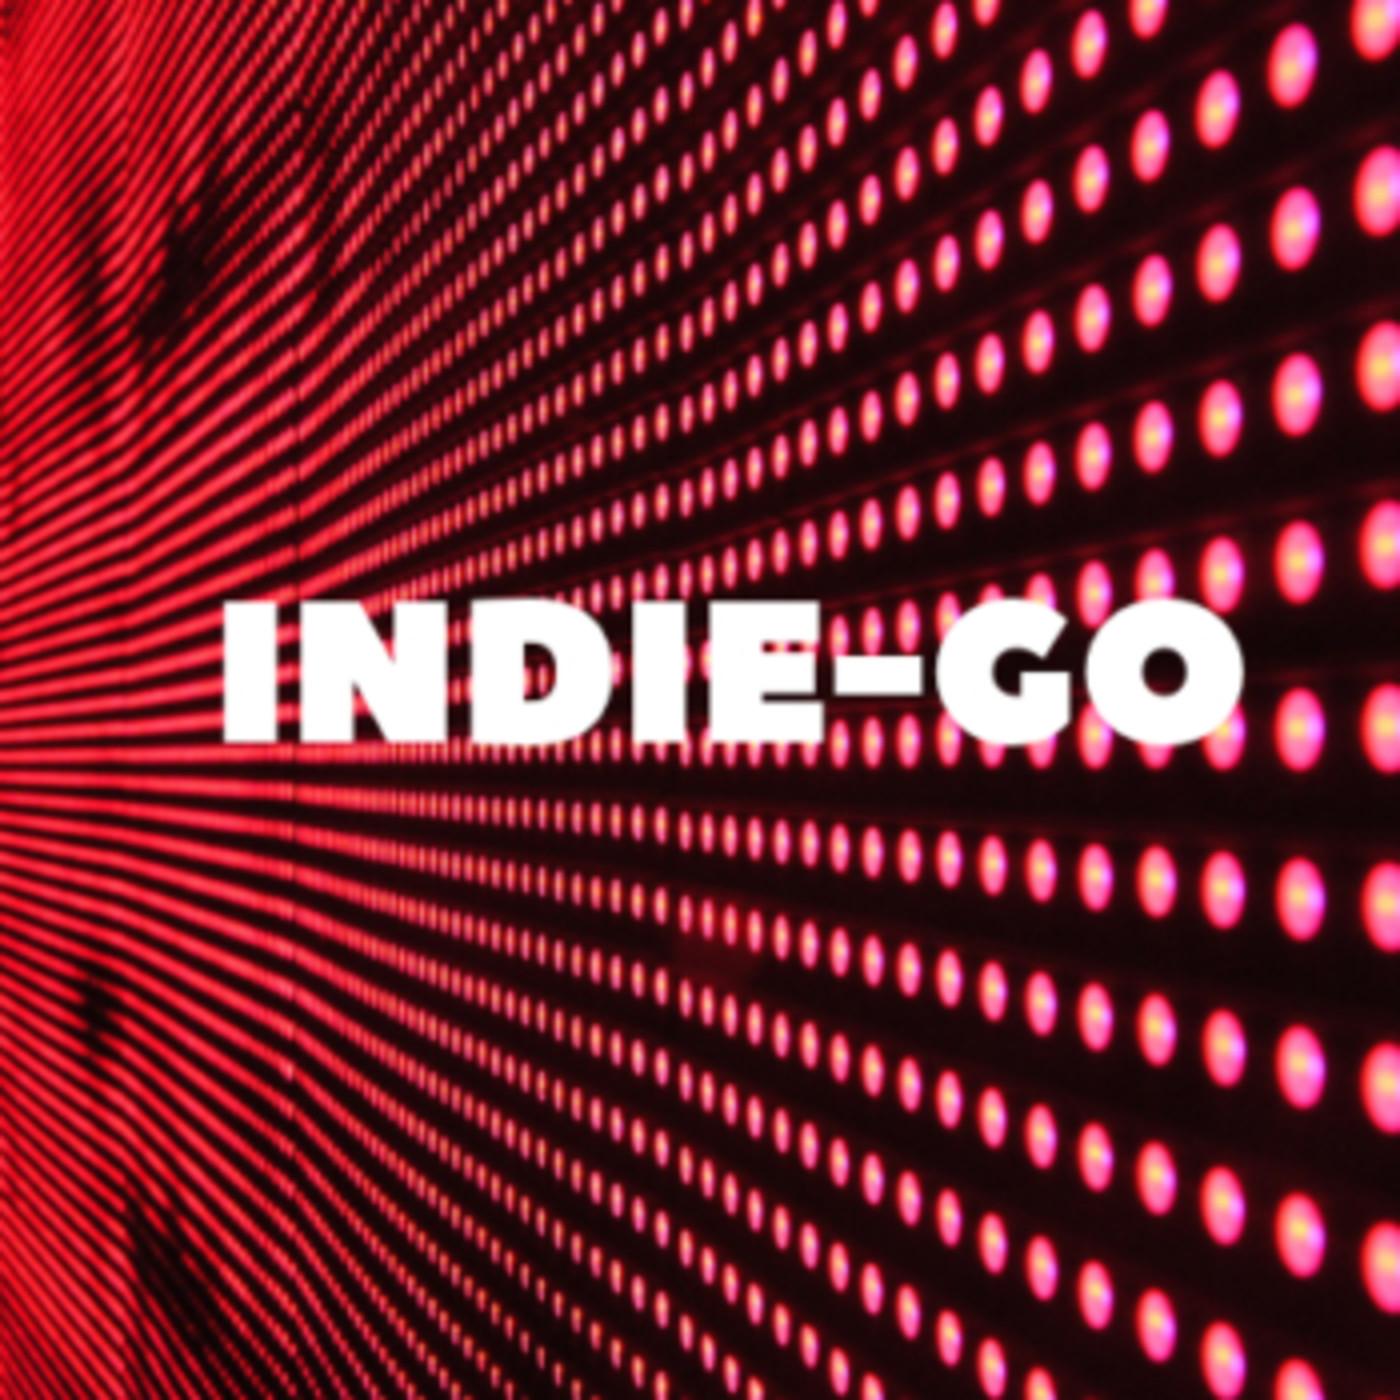 Indie – Go 02